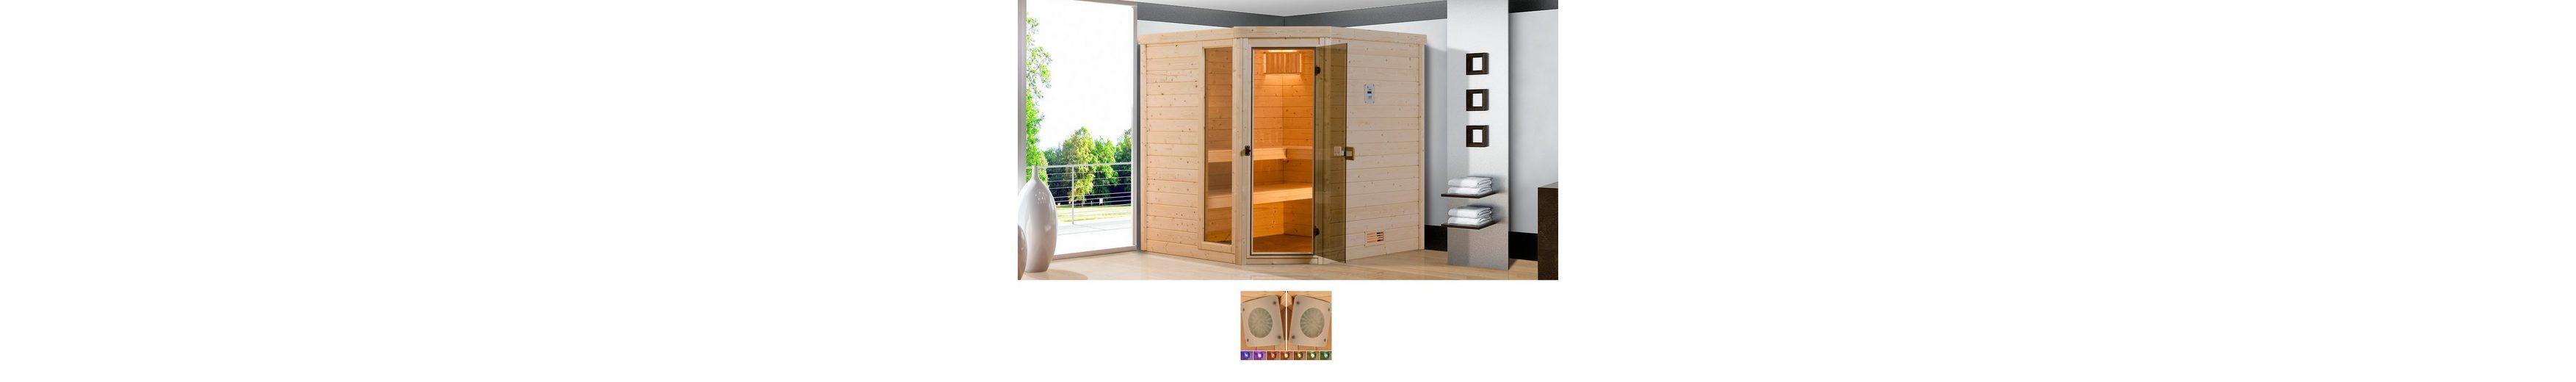 Sauna »Arendal 1«, 188/171/205 cm, 8-KW-Ofen mit int. Steuerung